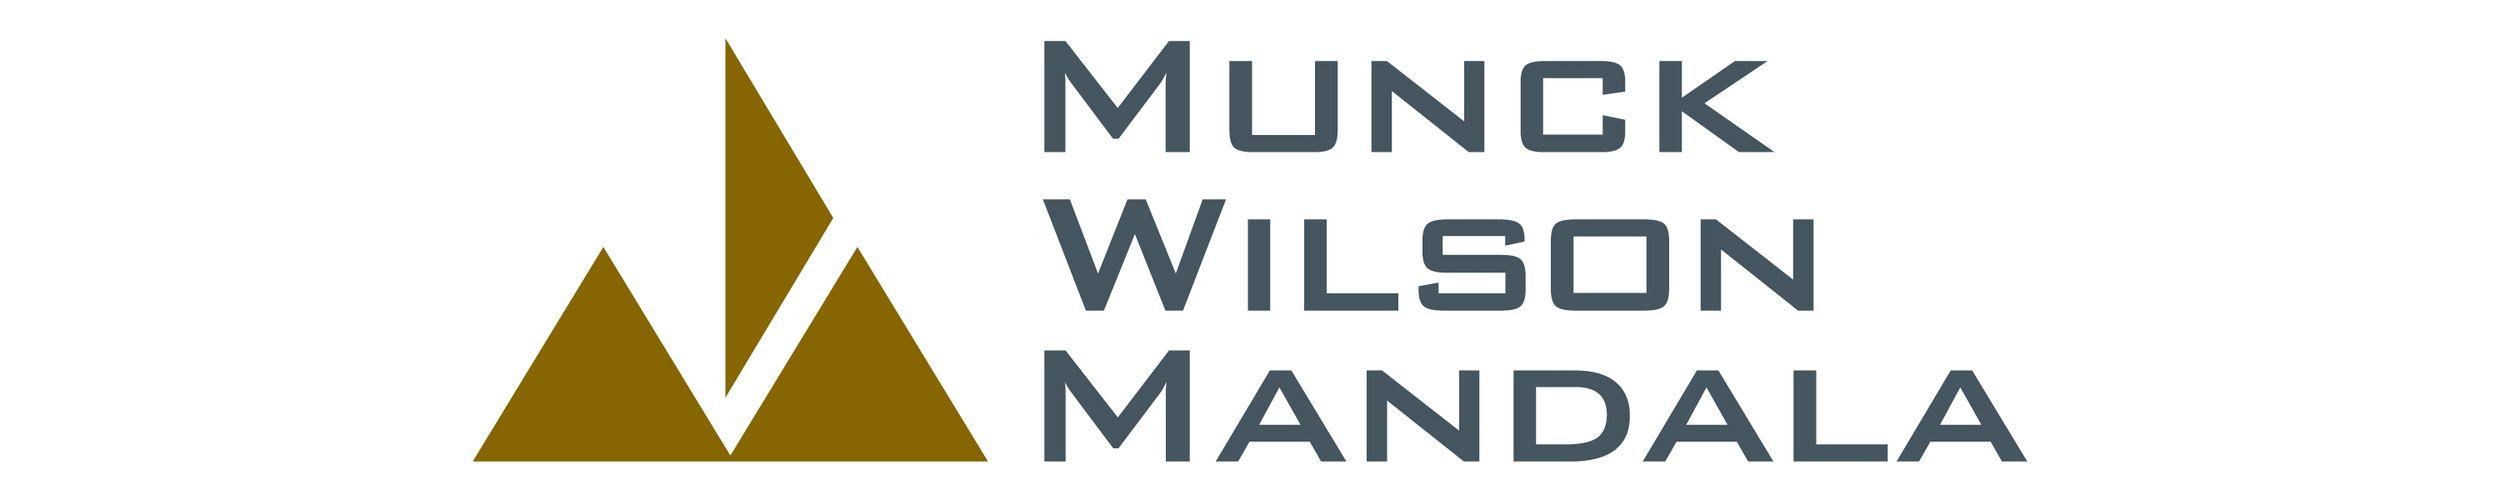 Munck Wilson Mandala, LLP